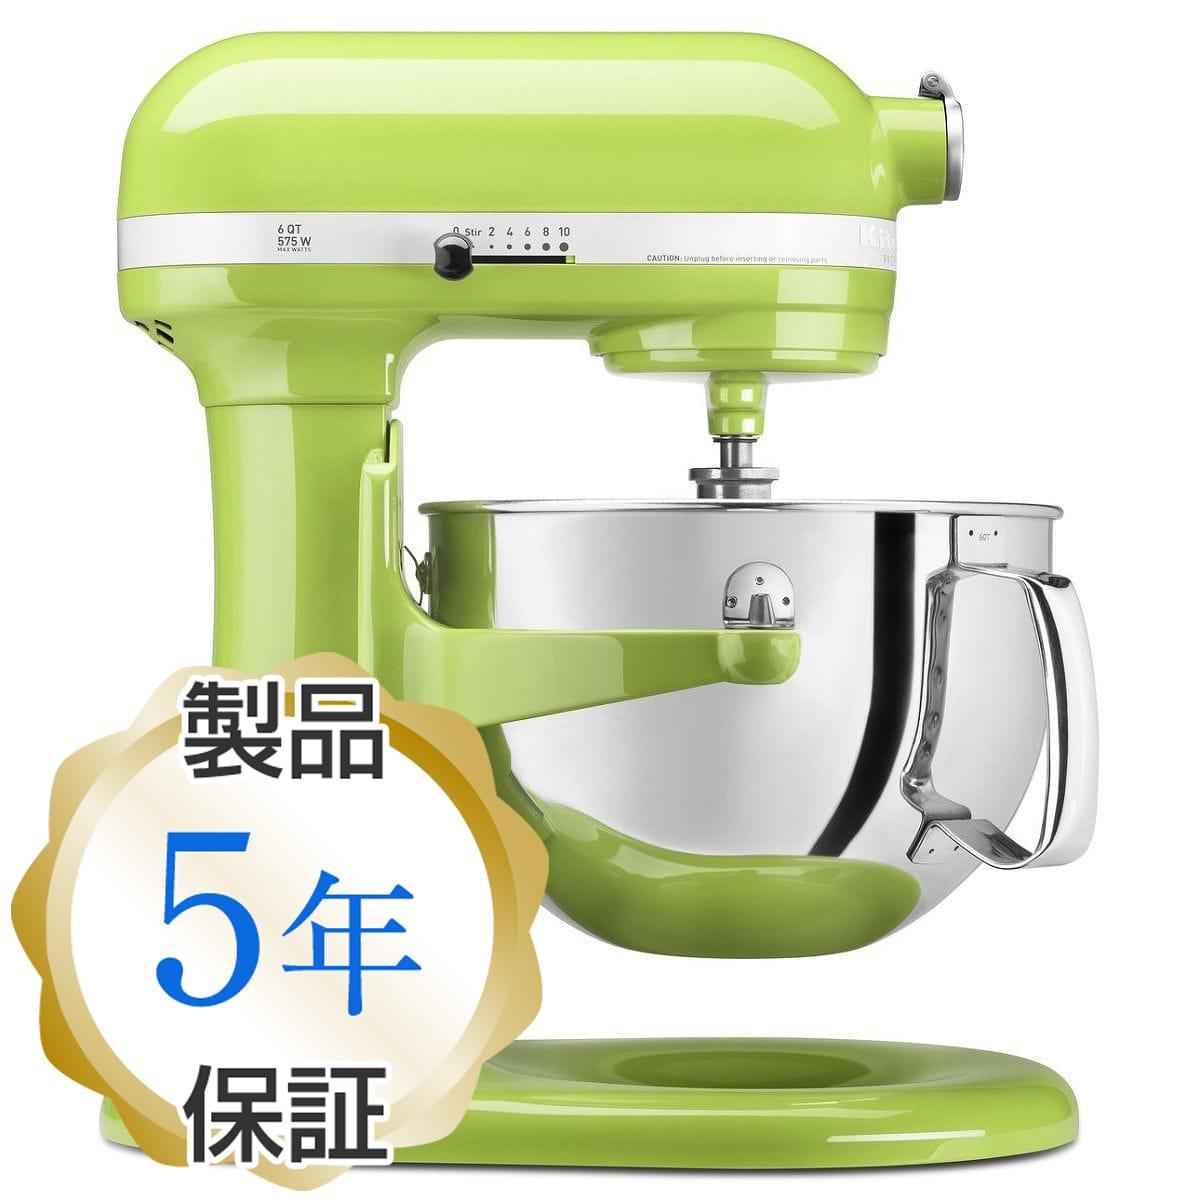 キッチンエイド スタンドミキサー プロフェッショナル 600 5.8L アップルグリーン KitchenAid KP26M1XGA Professional 600 Series 6-Quart Stand Mixer Apple Green【日本語説明書付】 家電